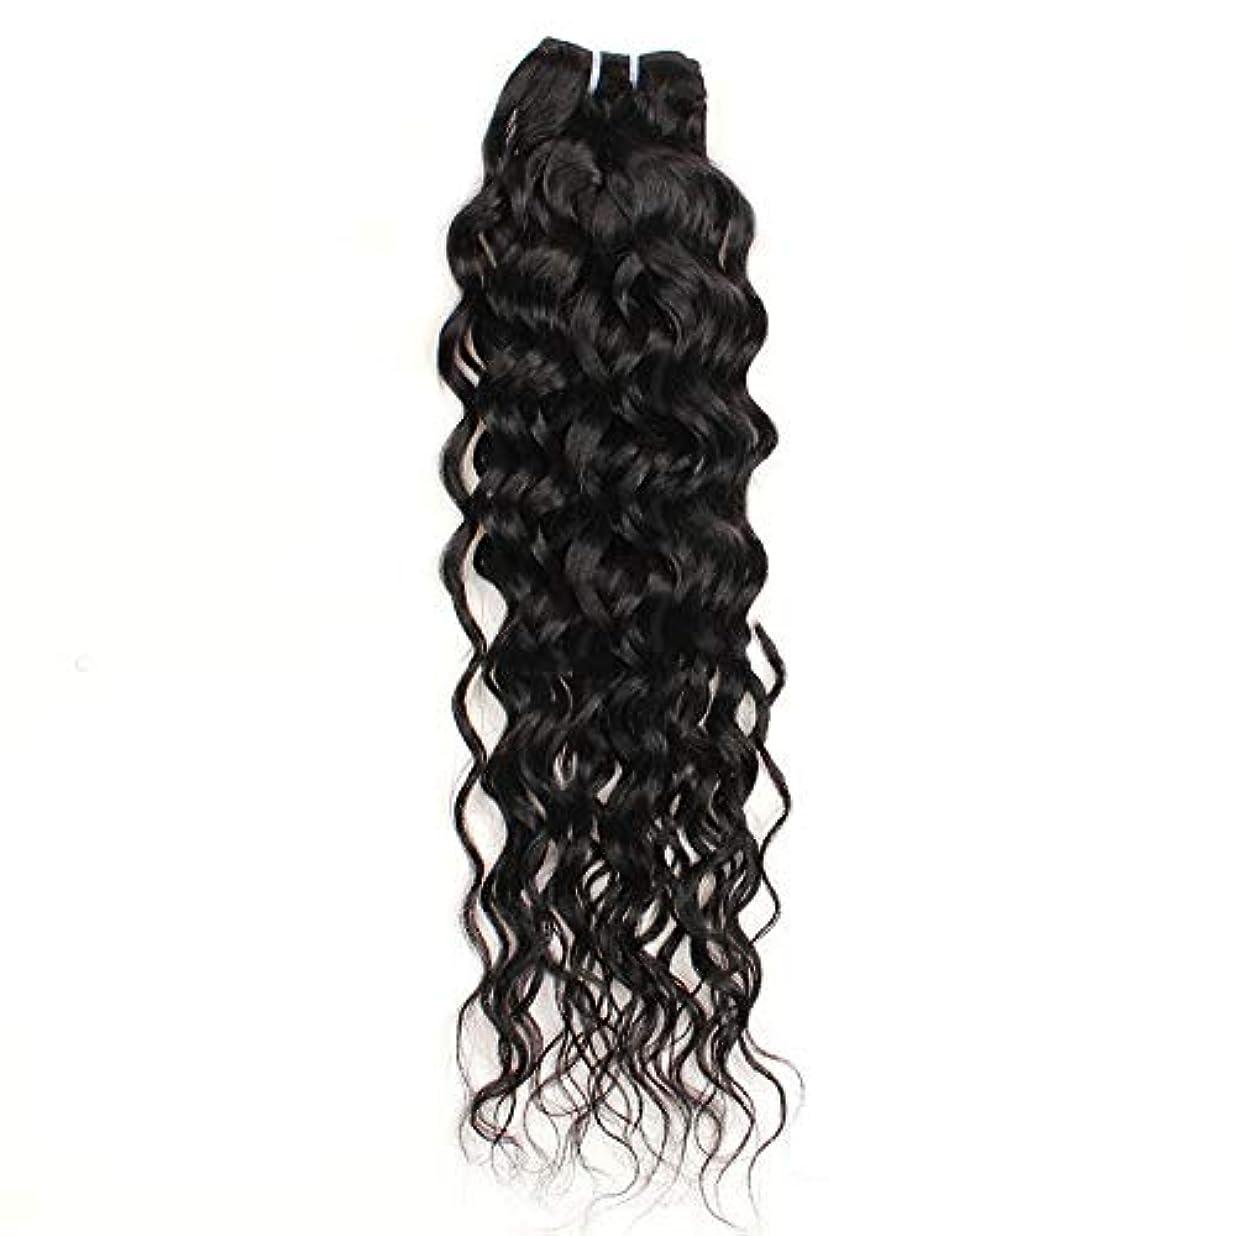 平和な類似性タイマーHOHYLLYA 10インチ-26インチブラジルリアル人間の髪の毛7Aウォーターウェーブヘアエクステンションナチュラルカラー100g /バンドル合成ヘアレースかつらロールプレイングかつら長くて短い女性自然 (色 : 黒,...